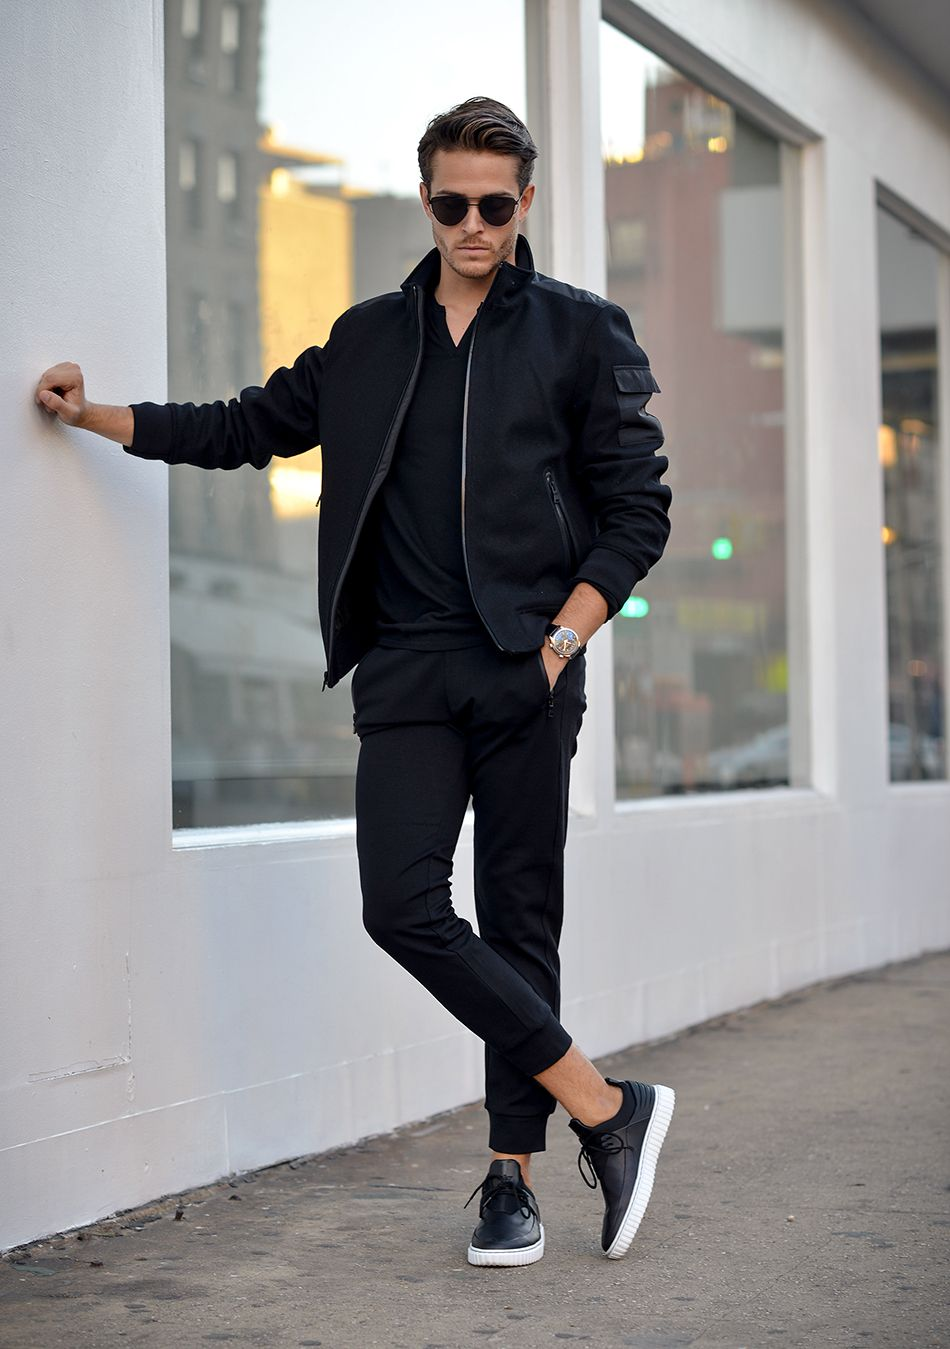 Black Bomber Jacket Outfit Men